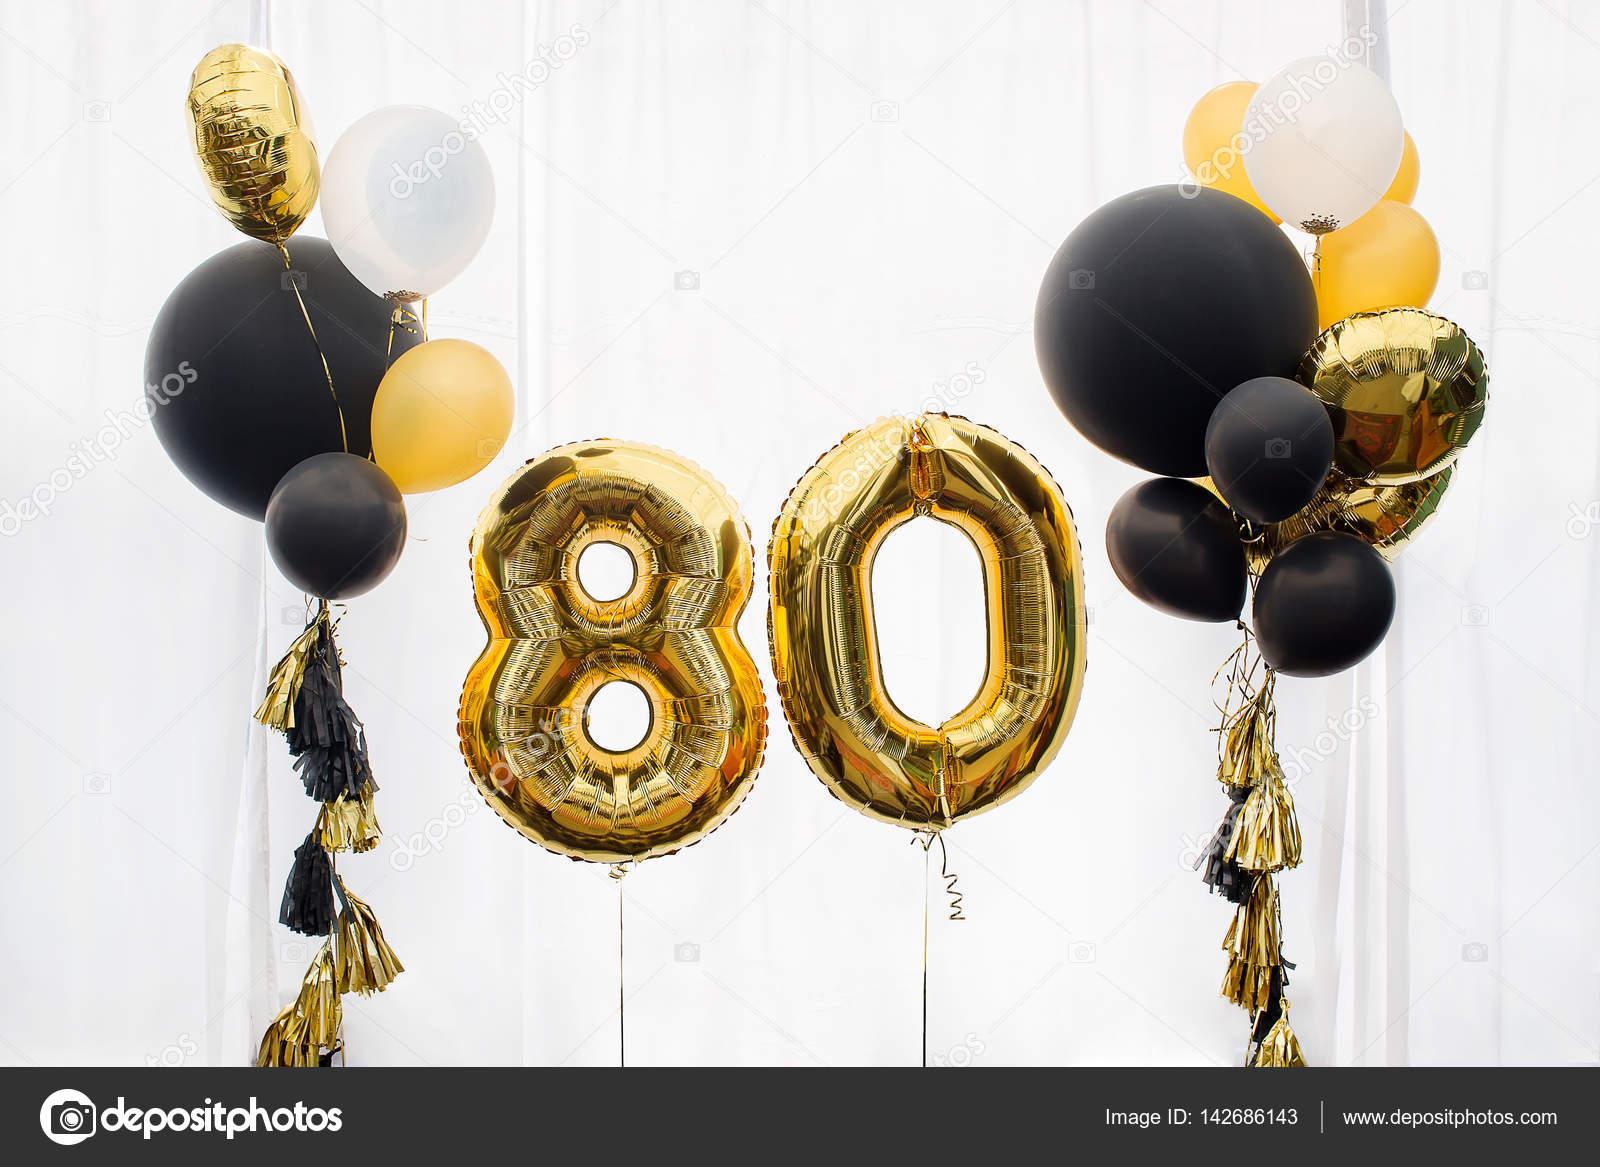 Decoraci n para cumplea os de 80 a os aniversario foto for Decoracion 80 anos hombre